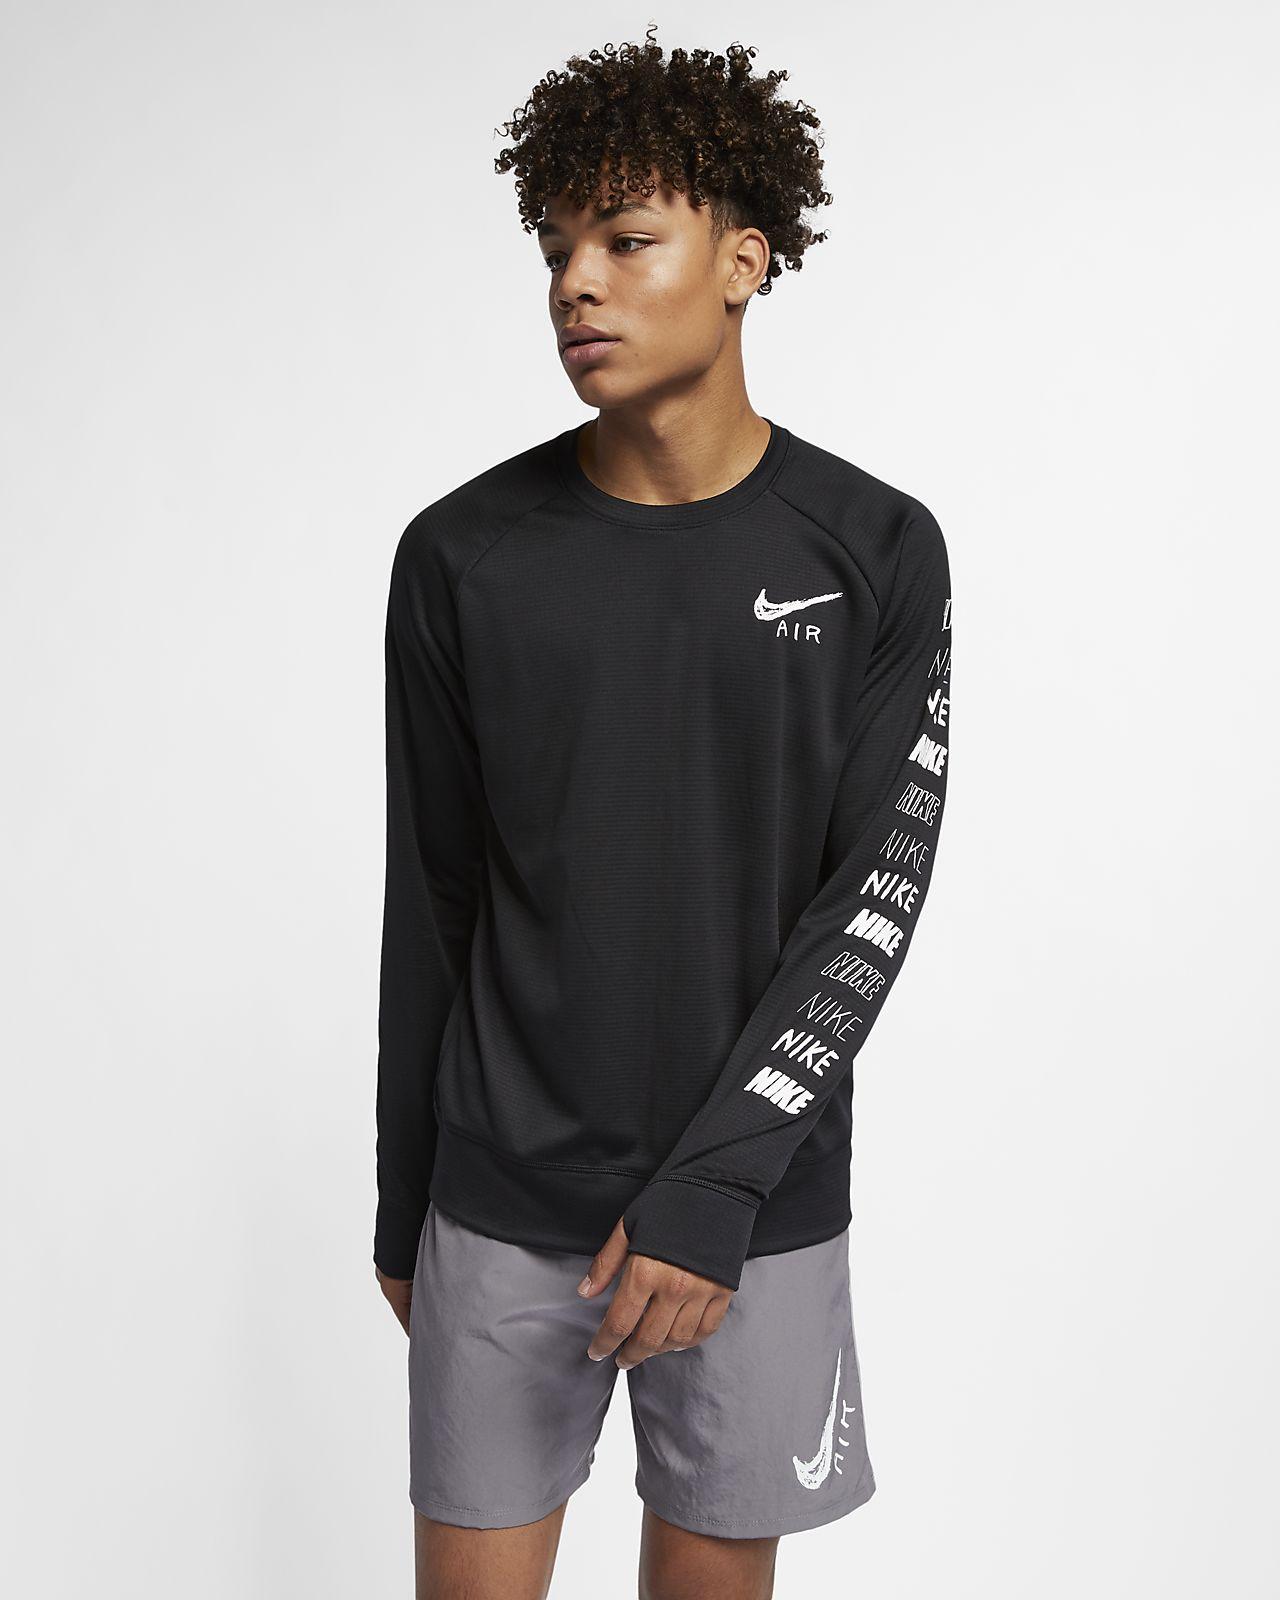 Ανδρική μπλούζα για τρέξιμο Nike Pacer